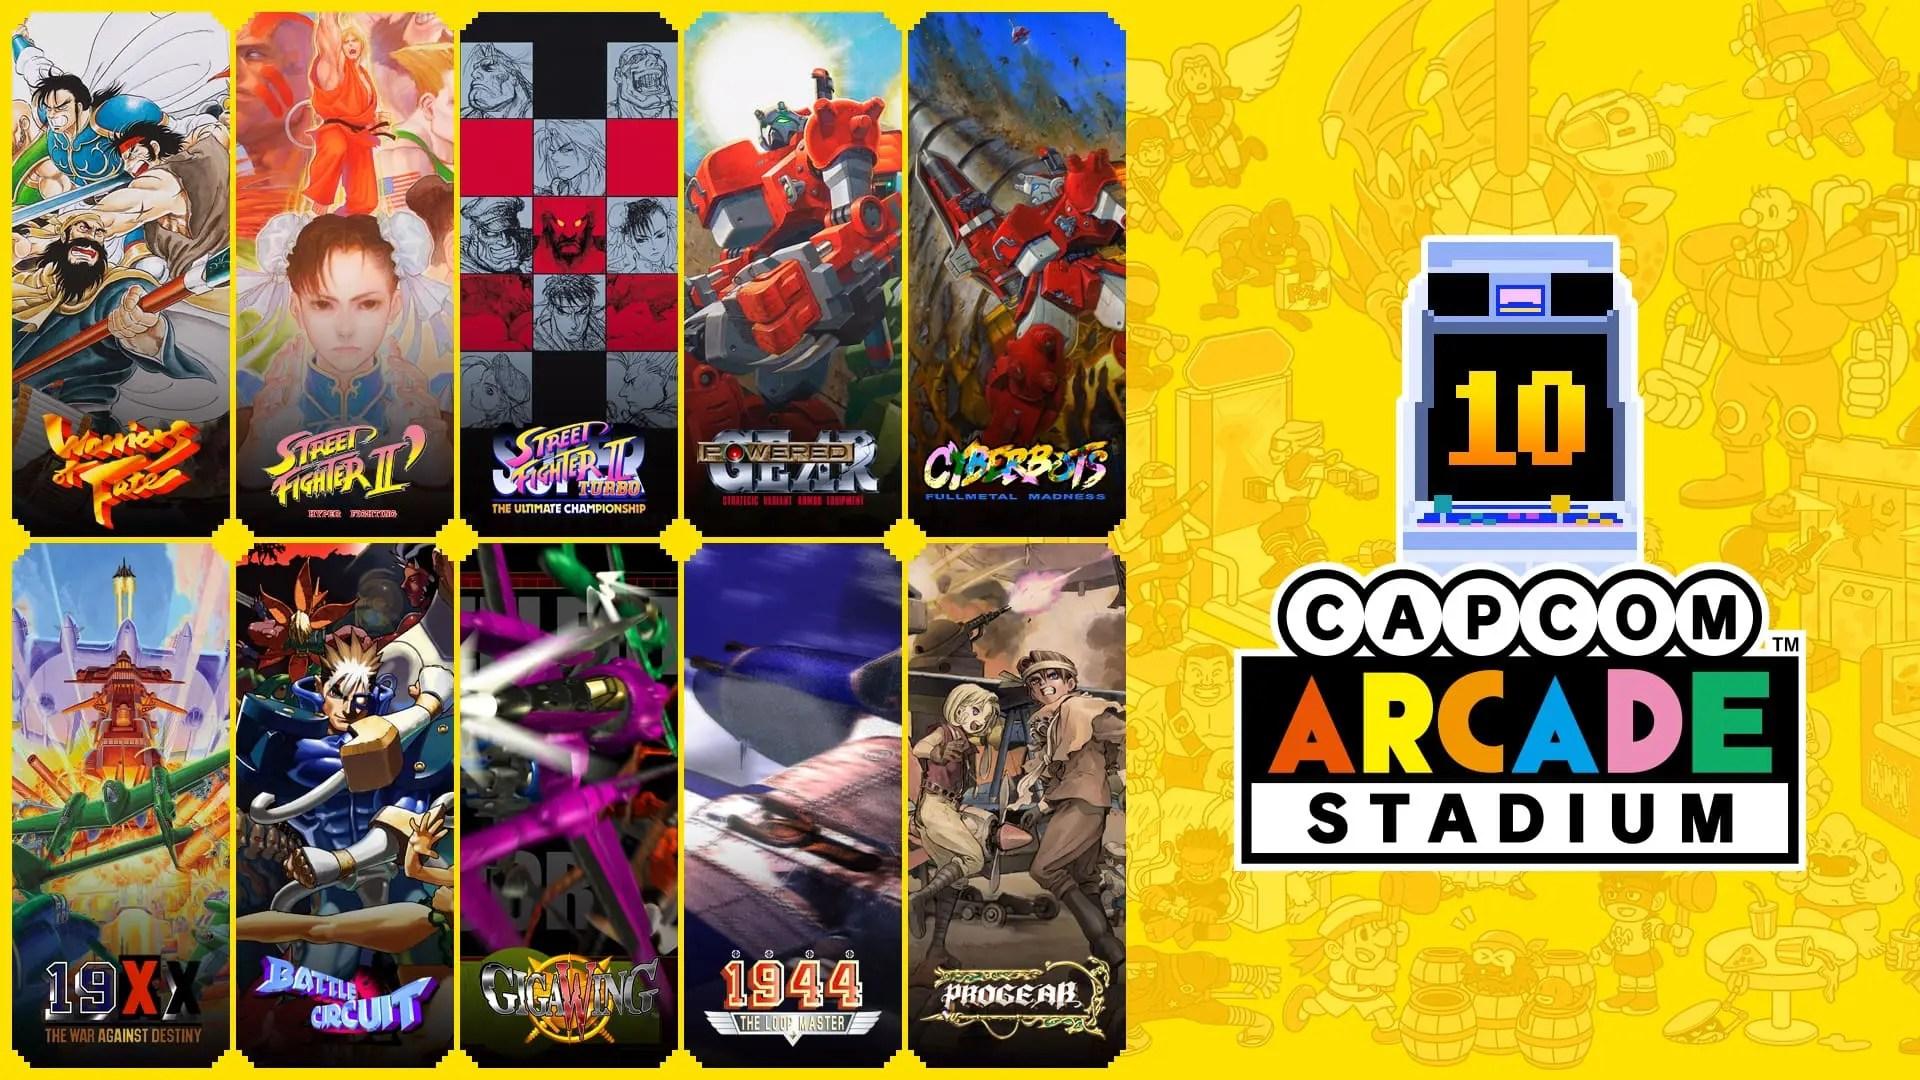 Capcom Arcade Stadium Pack 3 Image